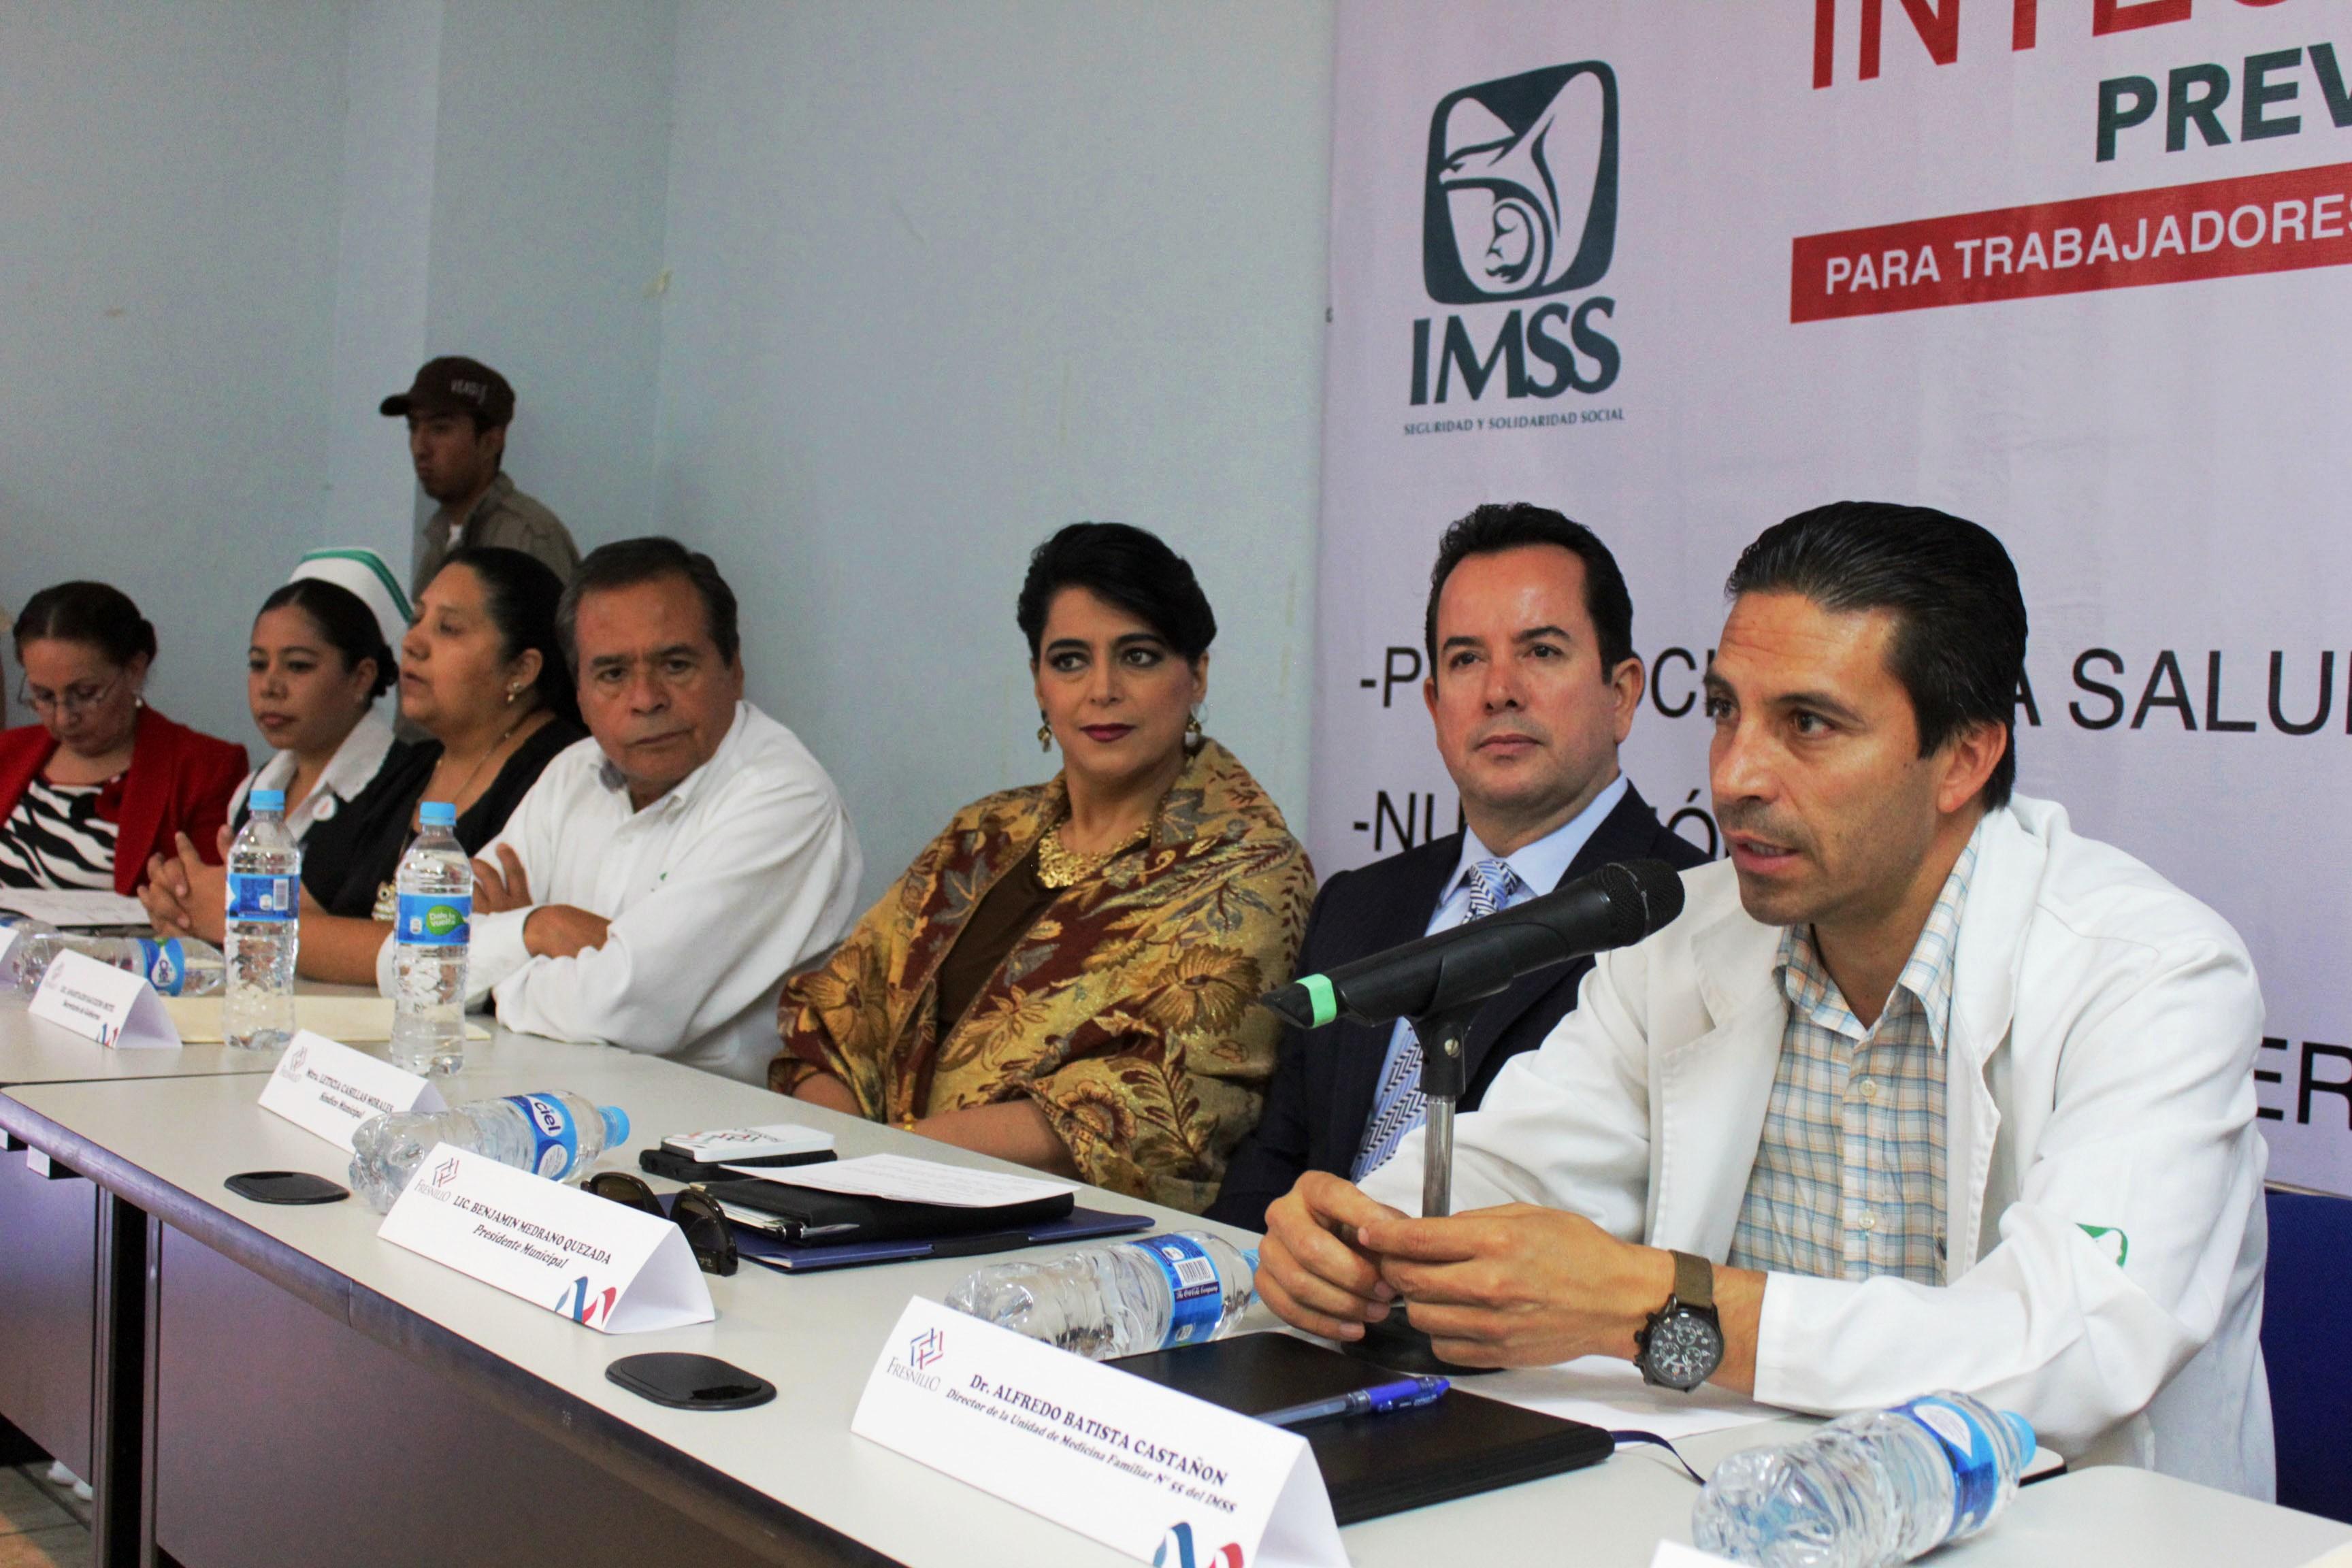 IMPARTEN ATENCIÓN PREVENTIVA INTEGRAL DE PREVENIMSS A TRABAJADORES DEL AYUNTAMIENTO